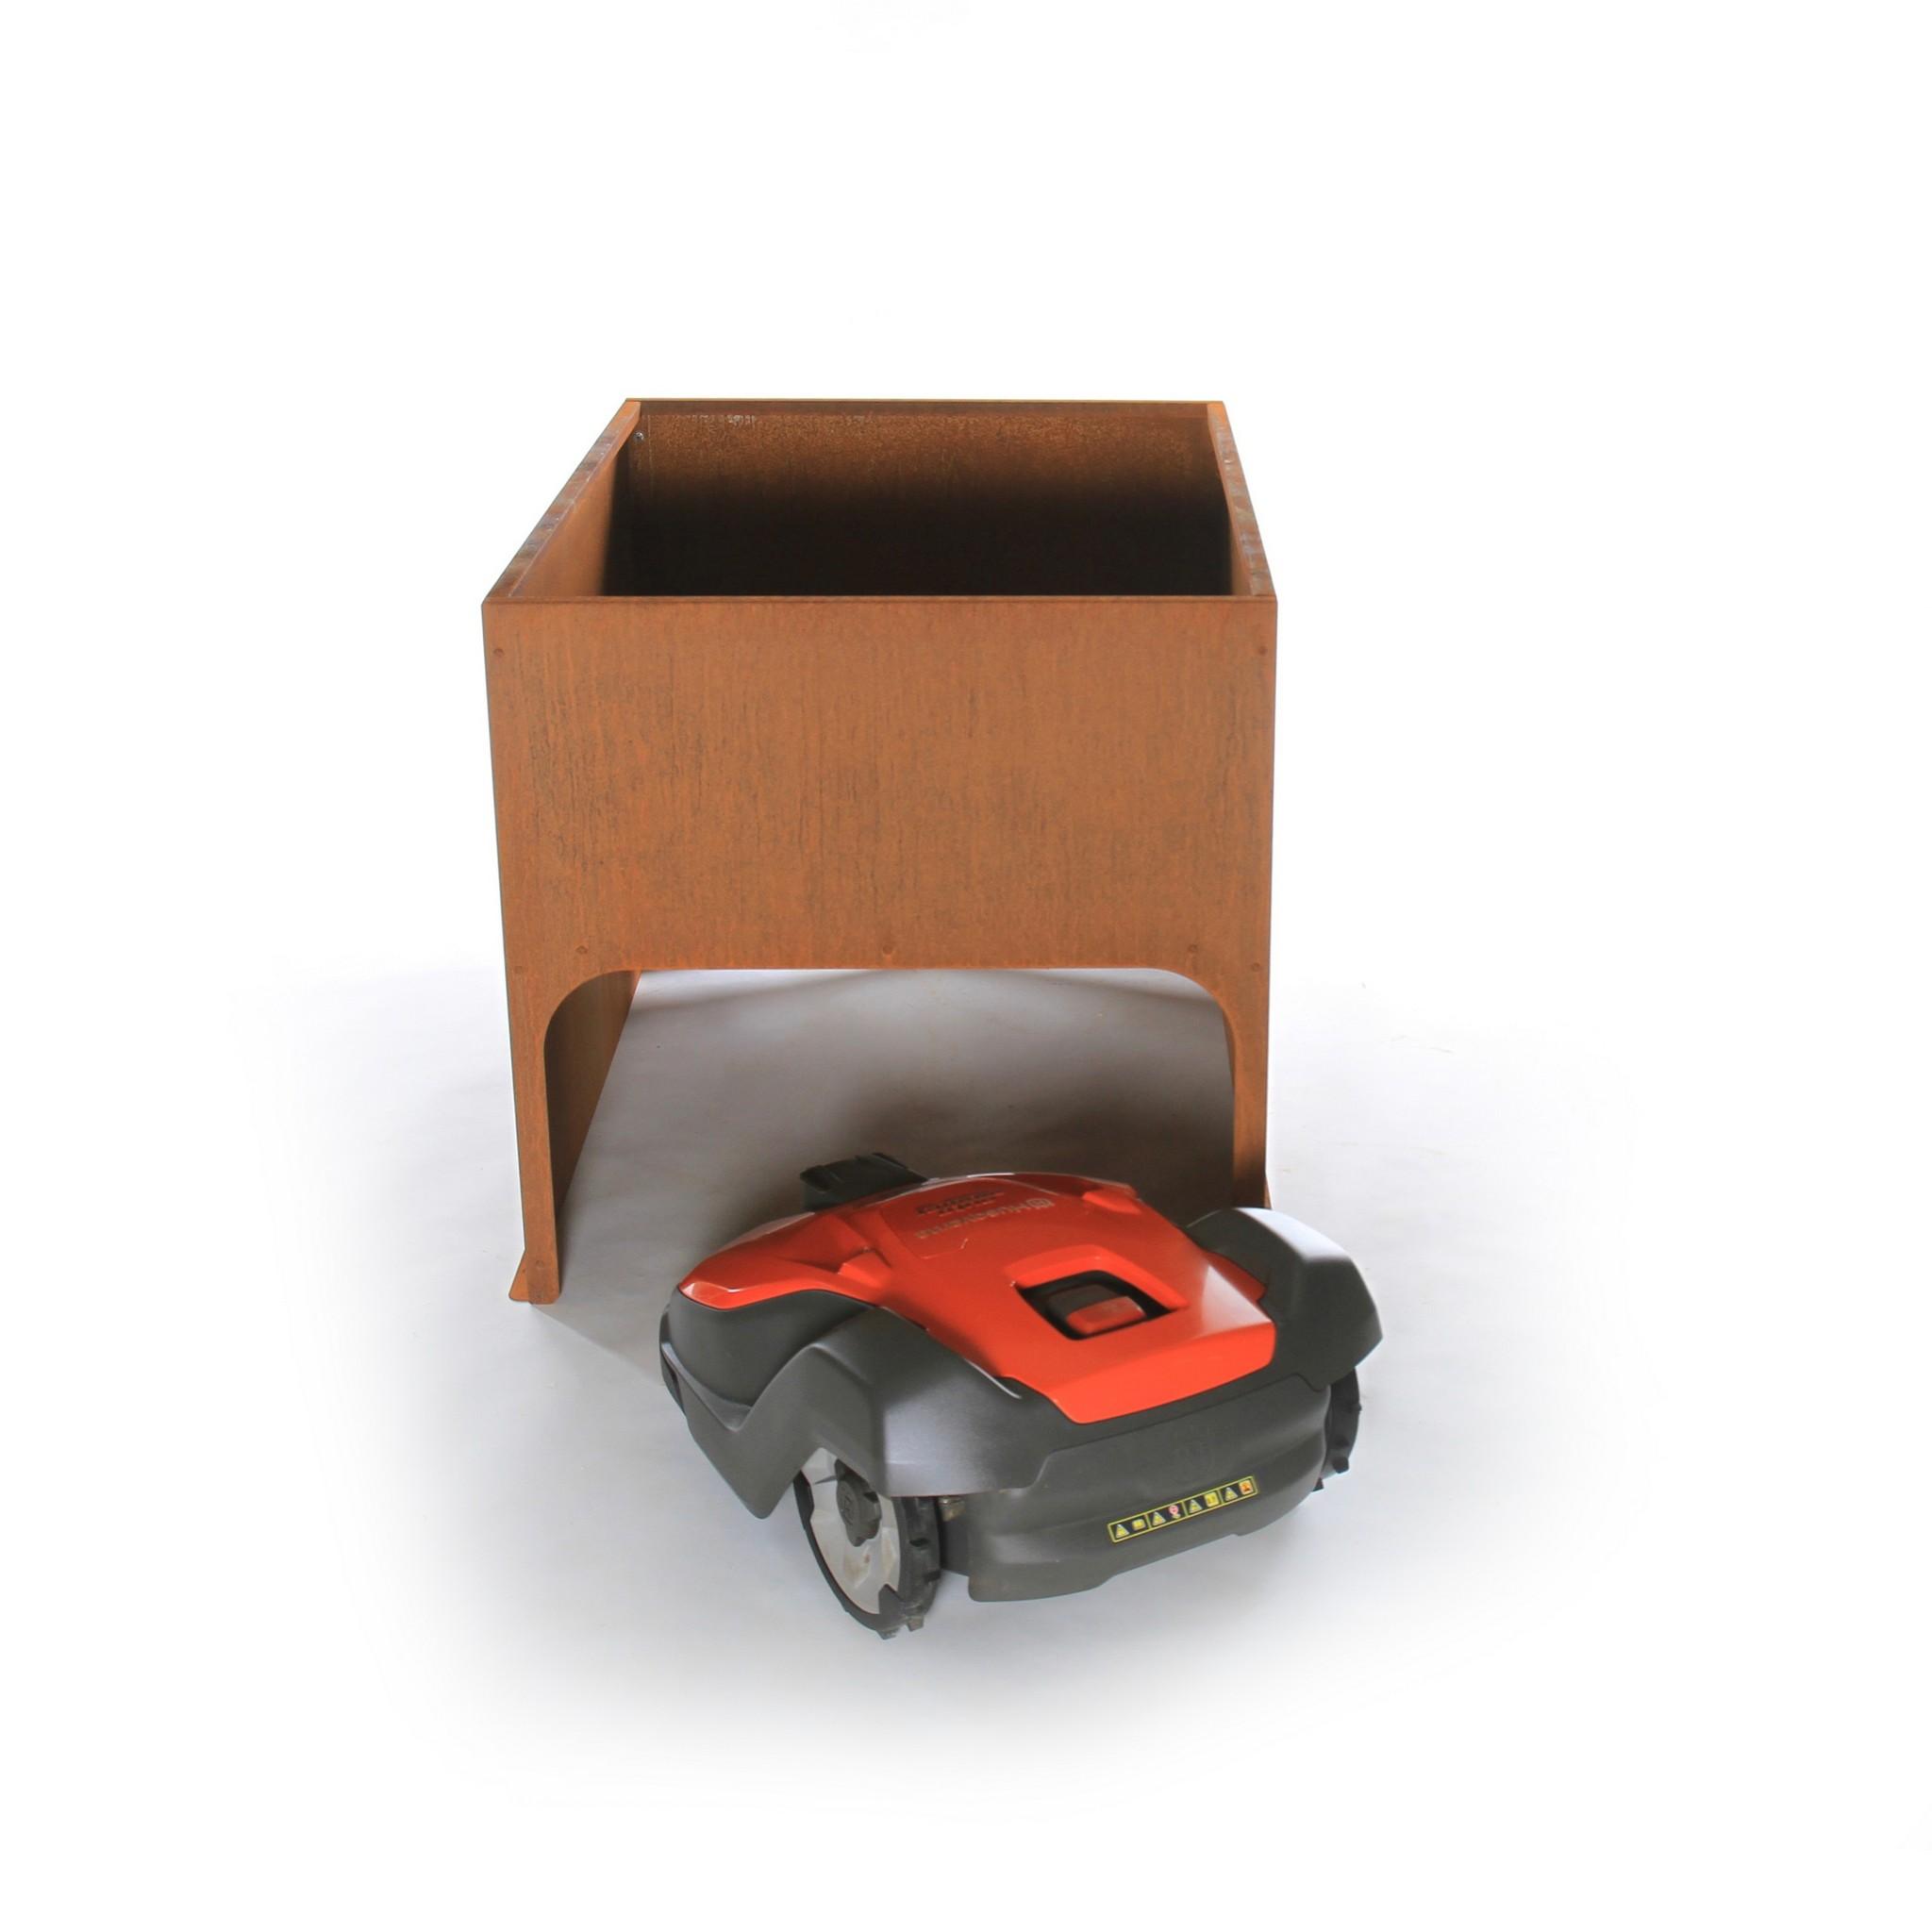 Robotmaaier gararage - model platenbak